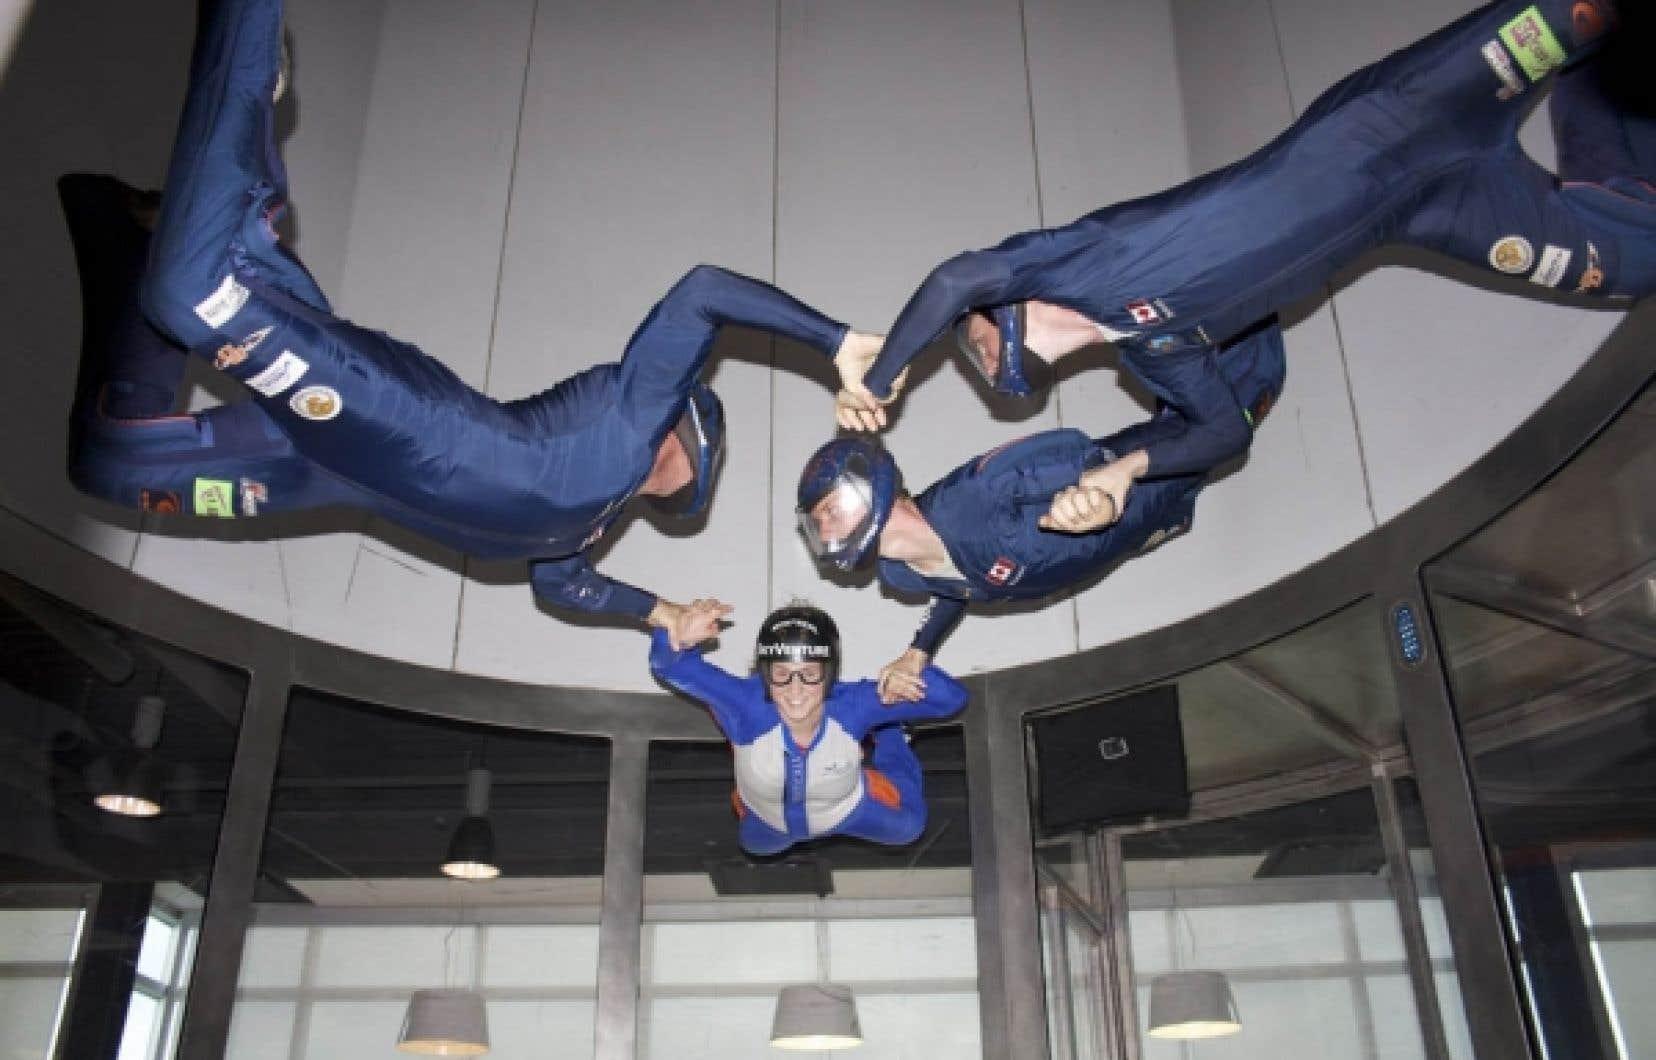 SkyVenture remarque un grand intérêt de la part des entreprises pour son simulateur de chute libre.